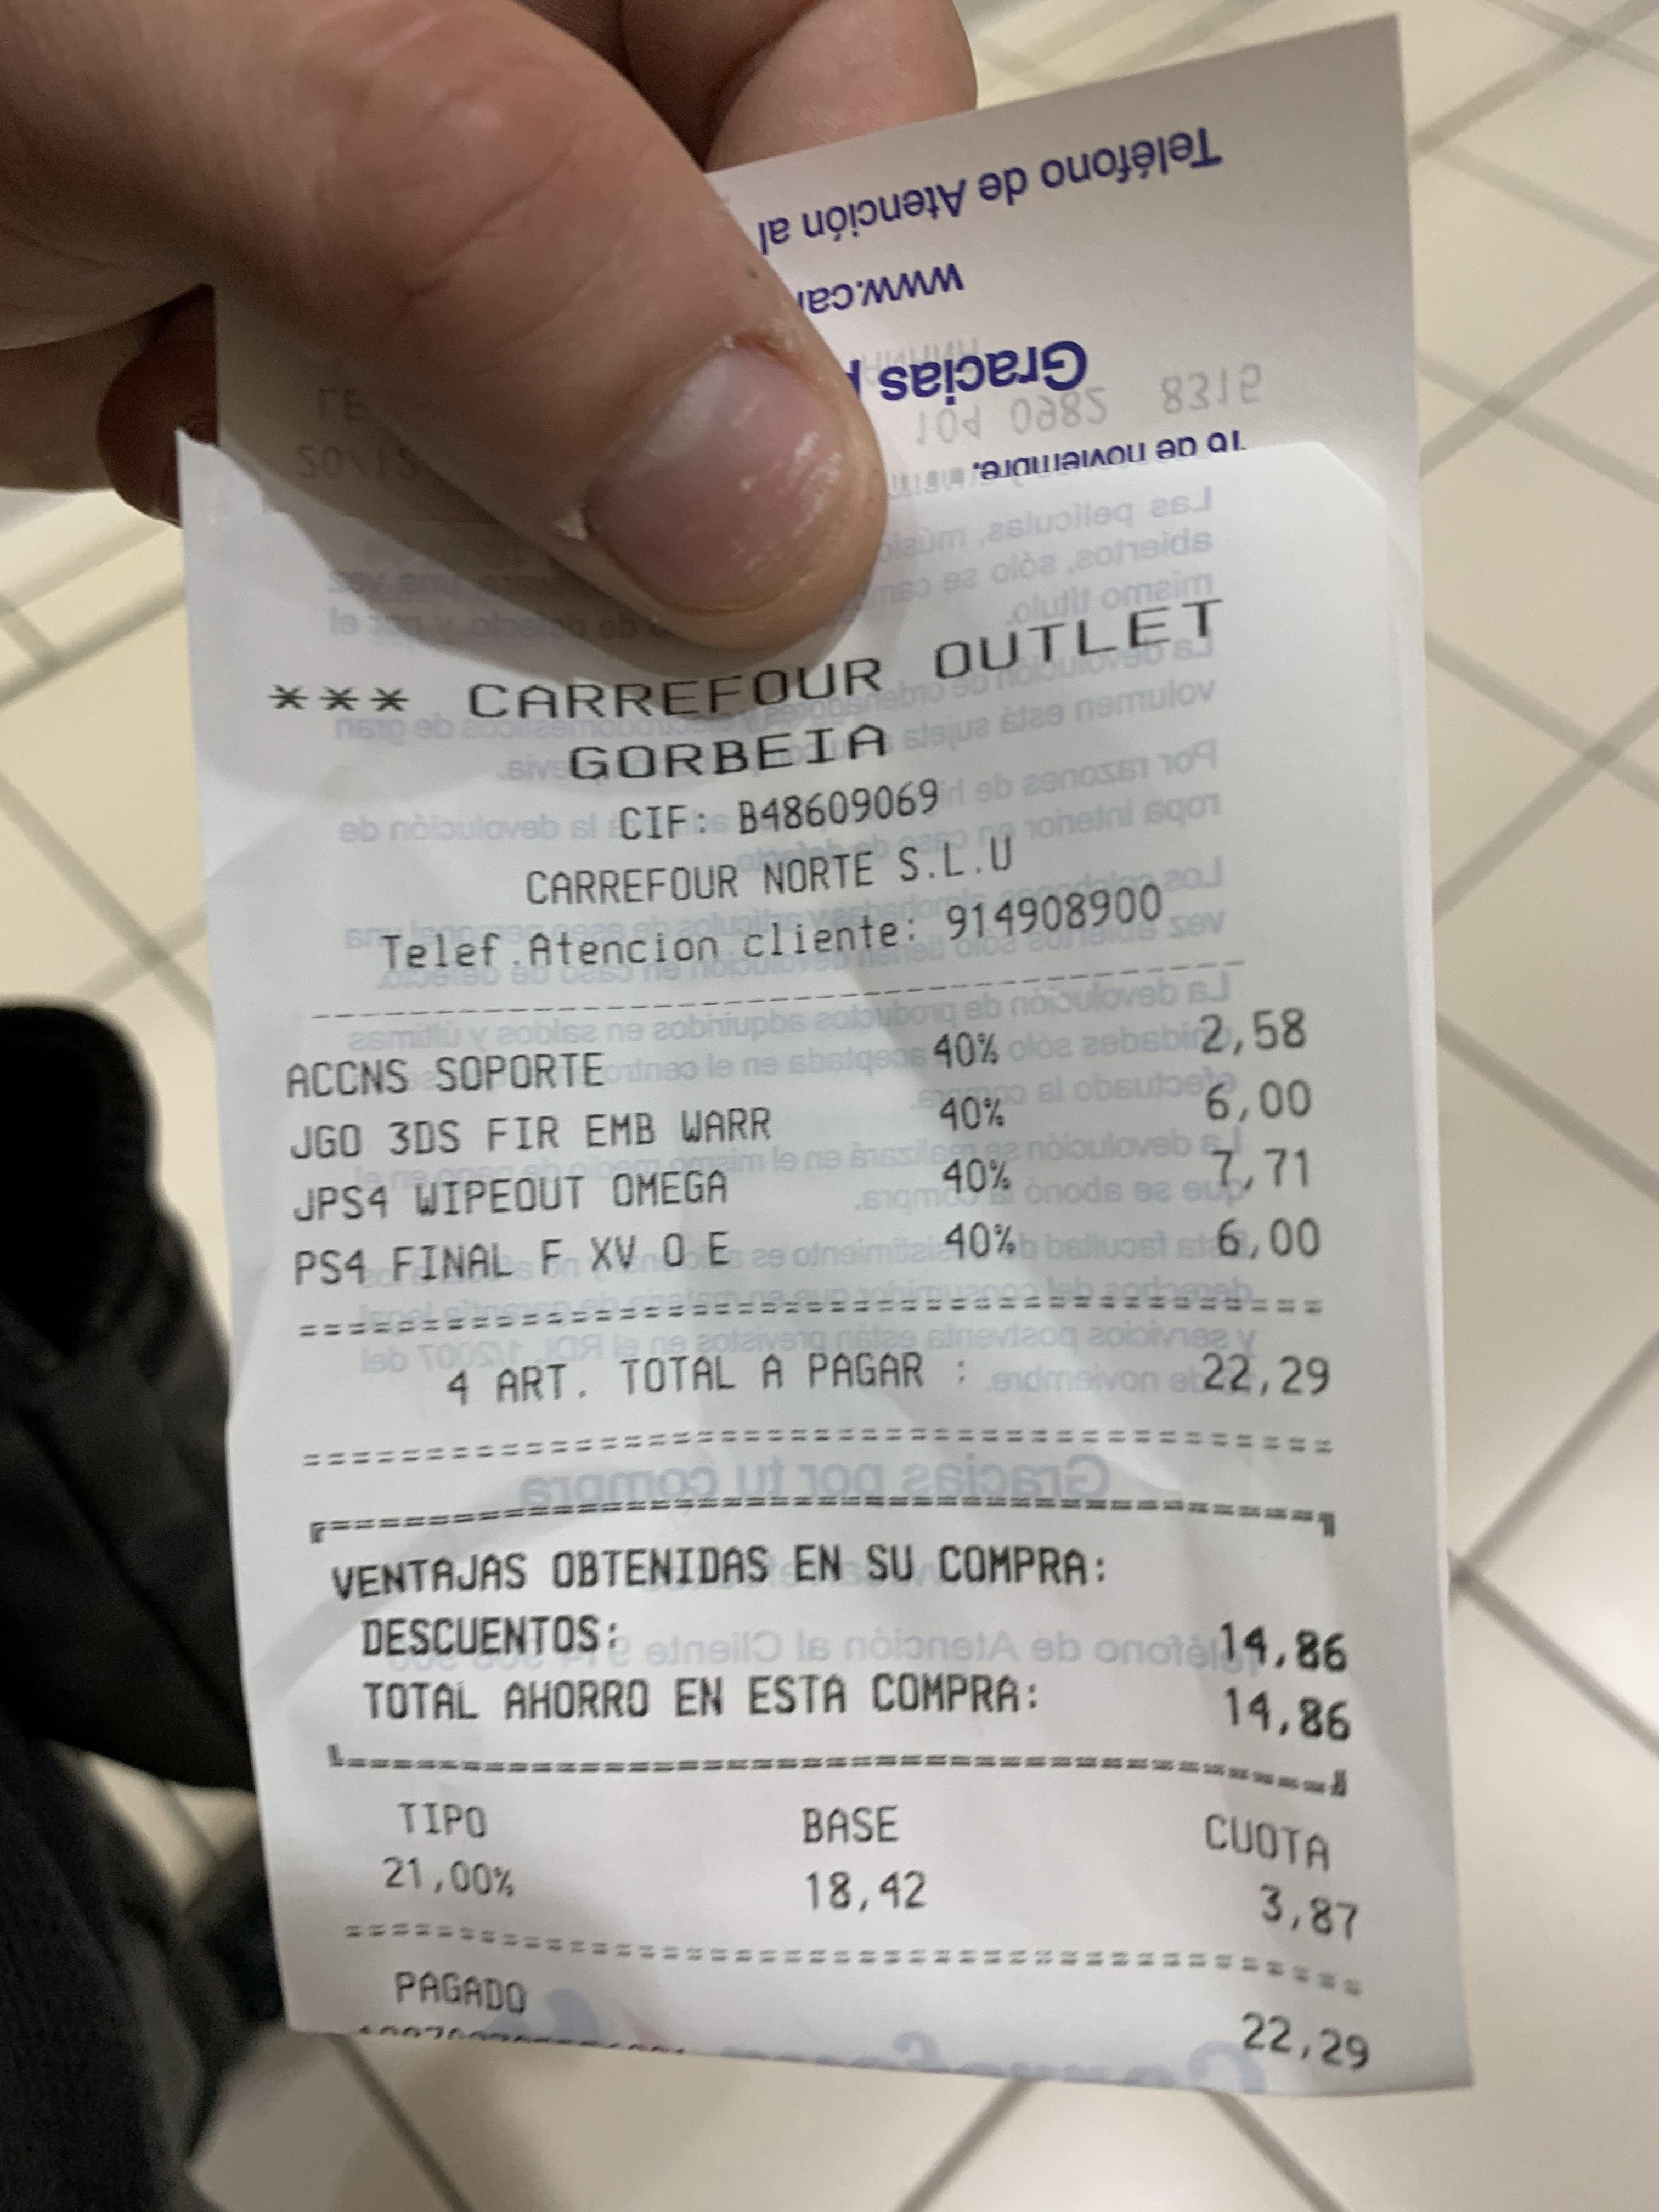 Centro comercial Gorbeia - Carrefour outlet juegos con 40% de descuento